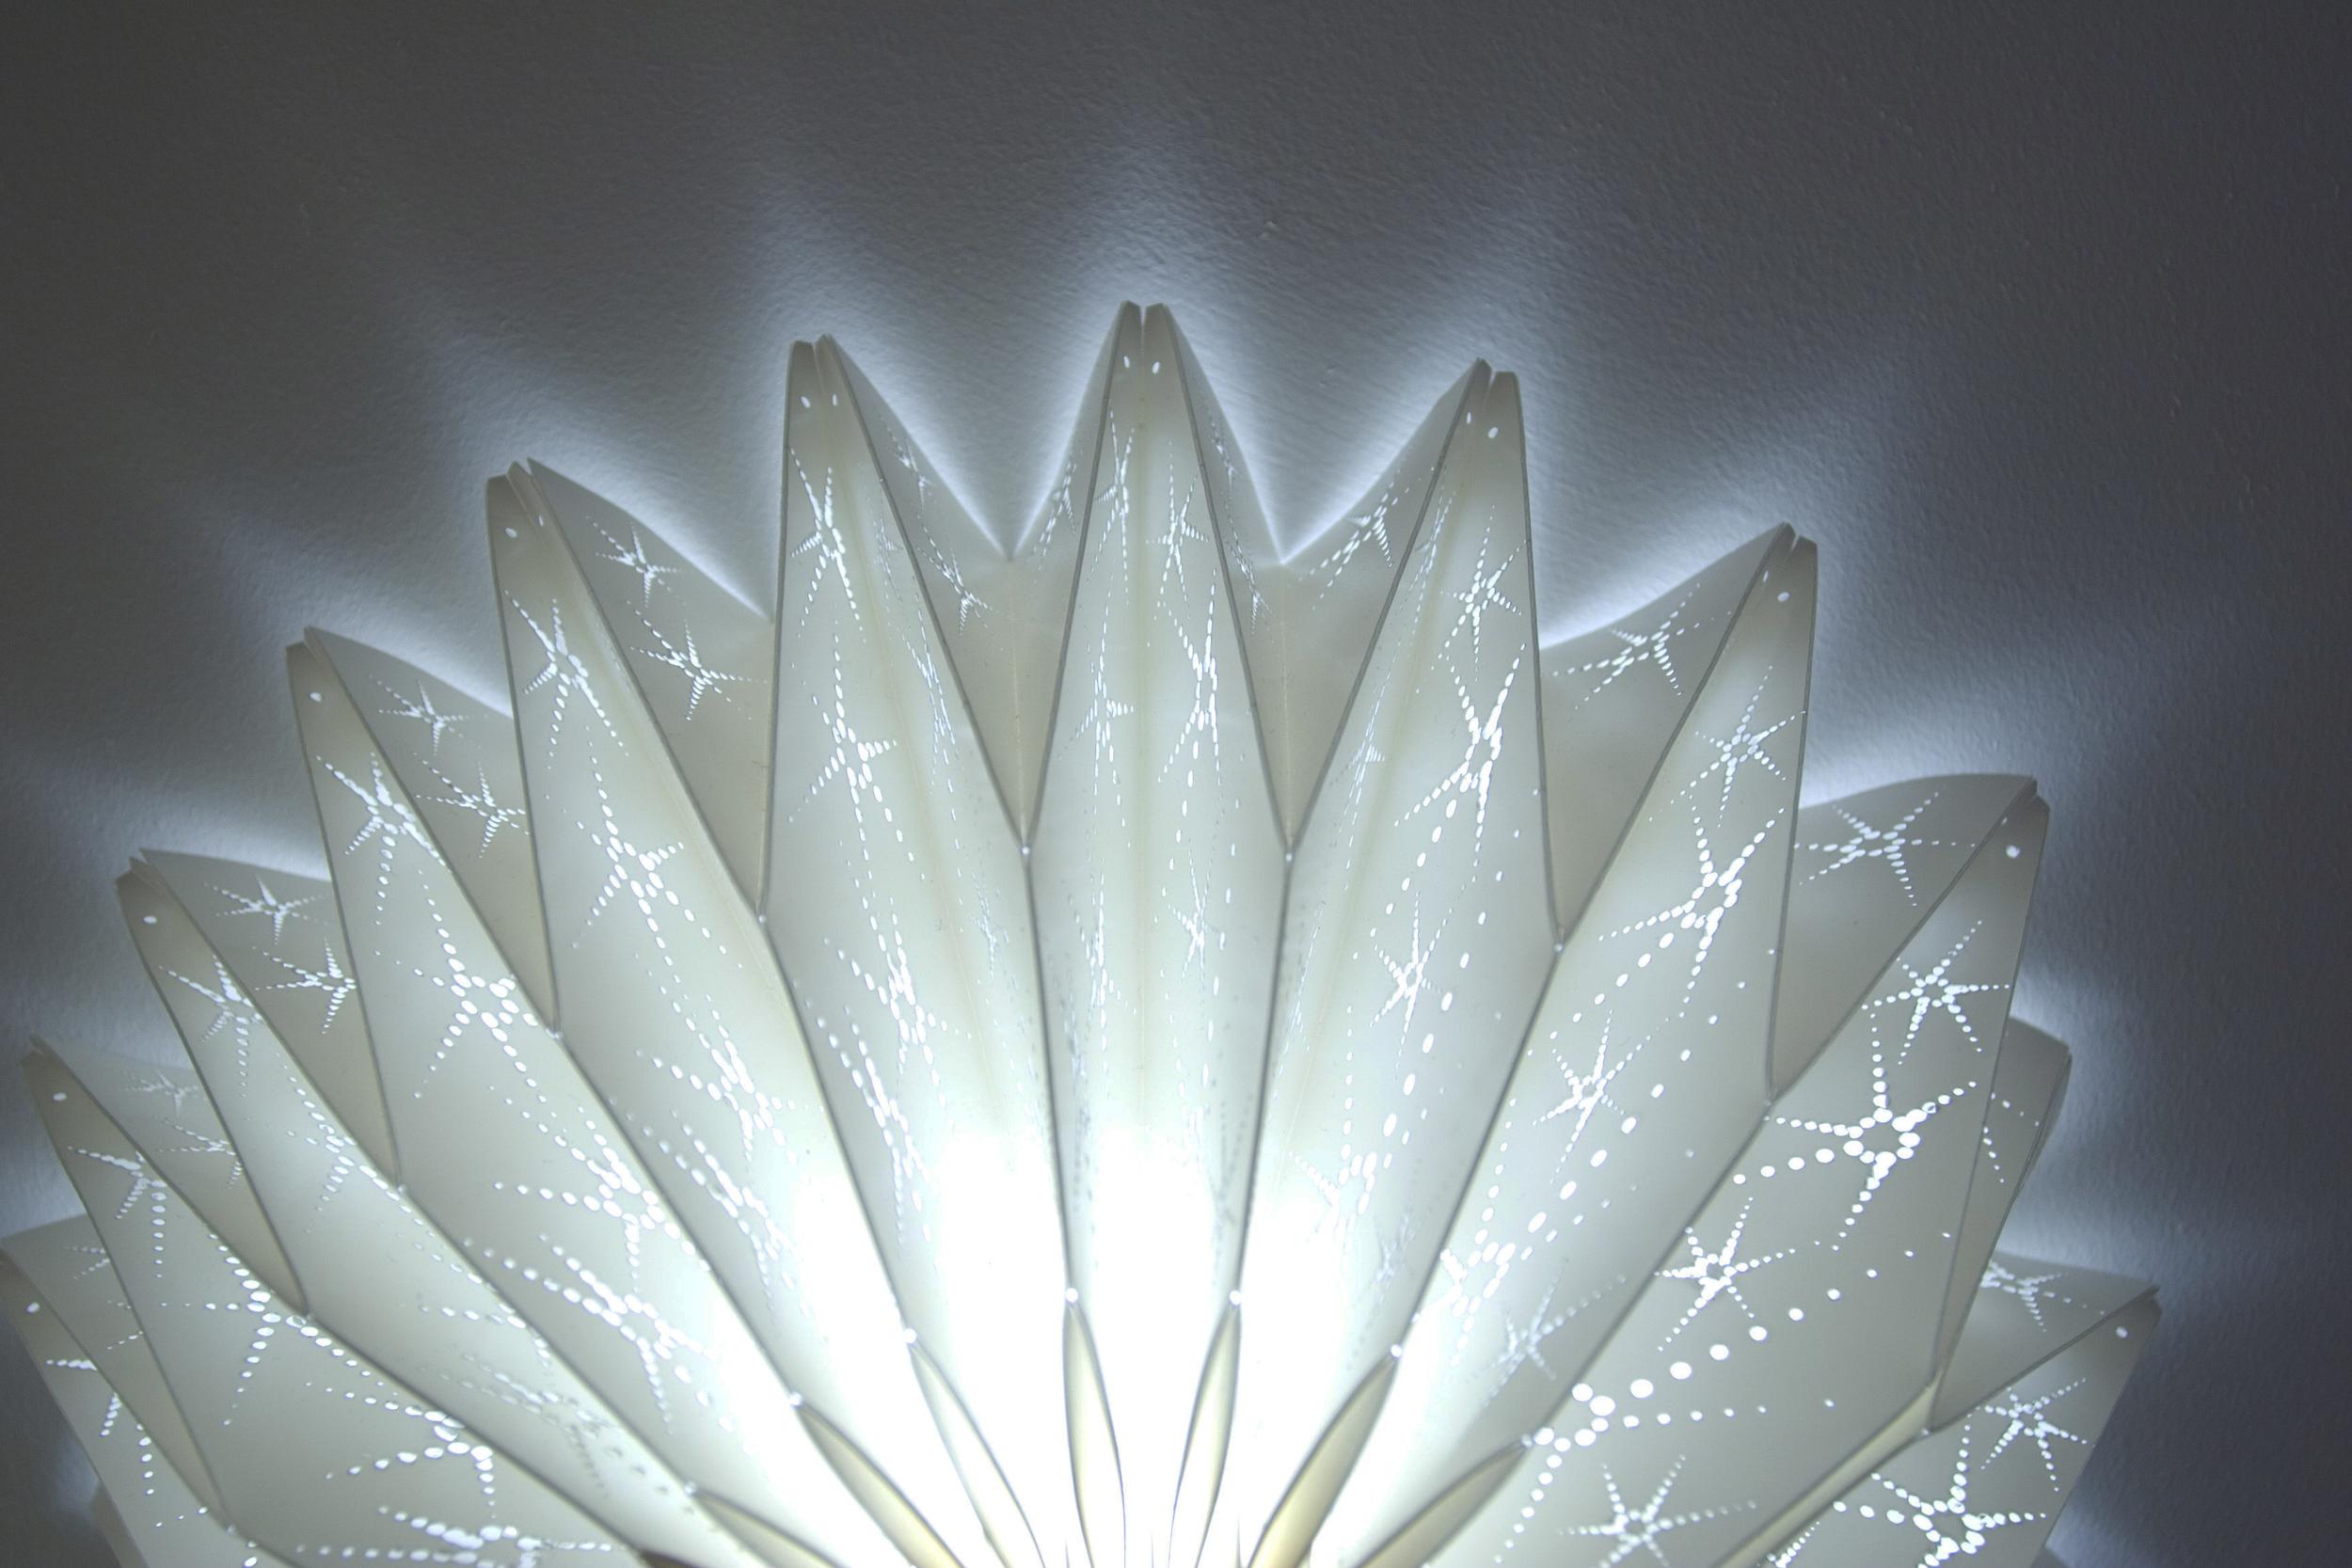 Star_Bespoke_Handmade_pleated_lampshade2.jpg